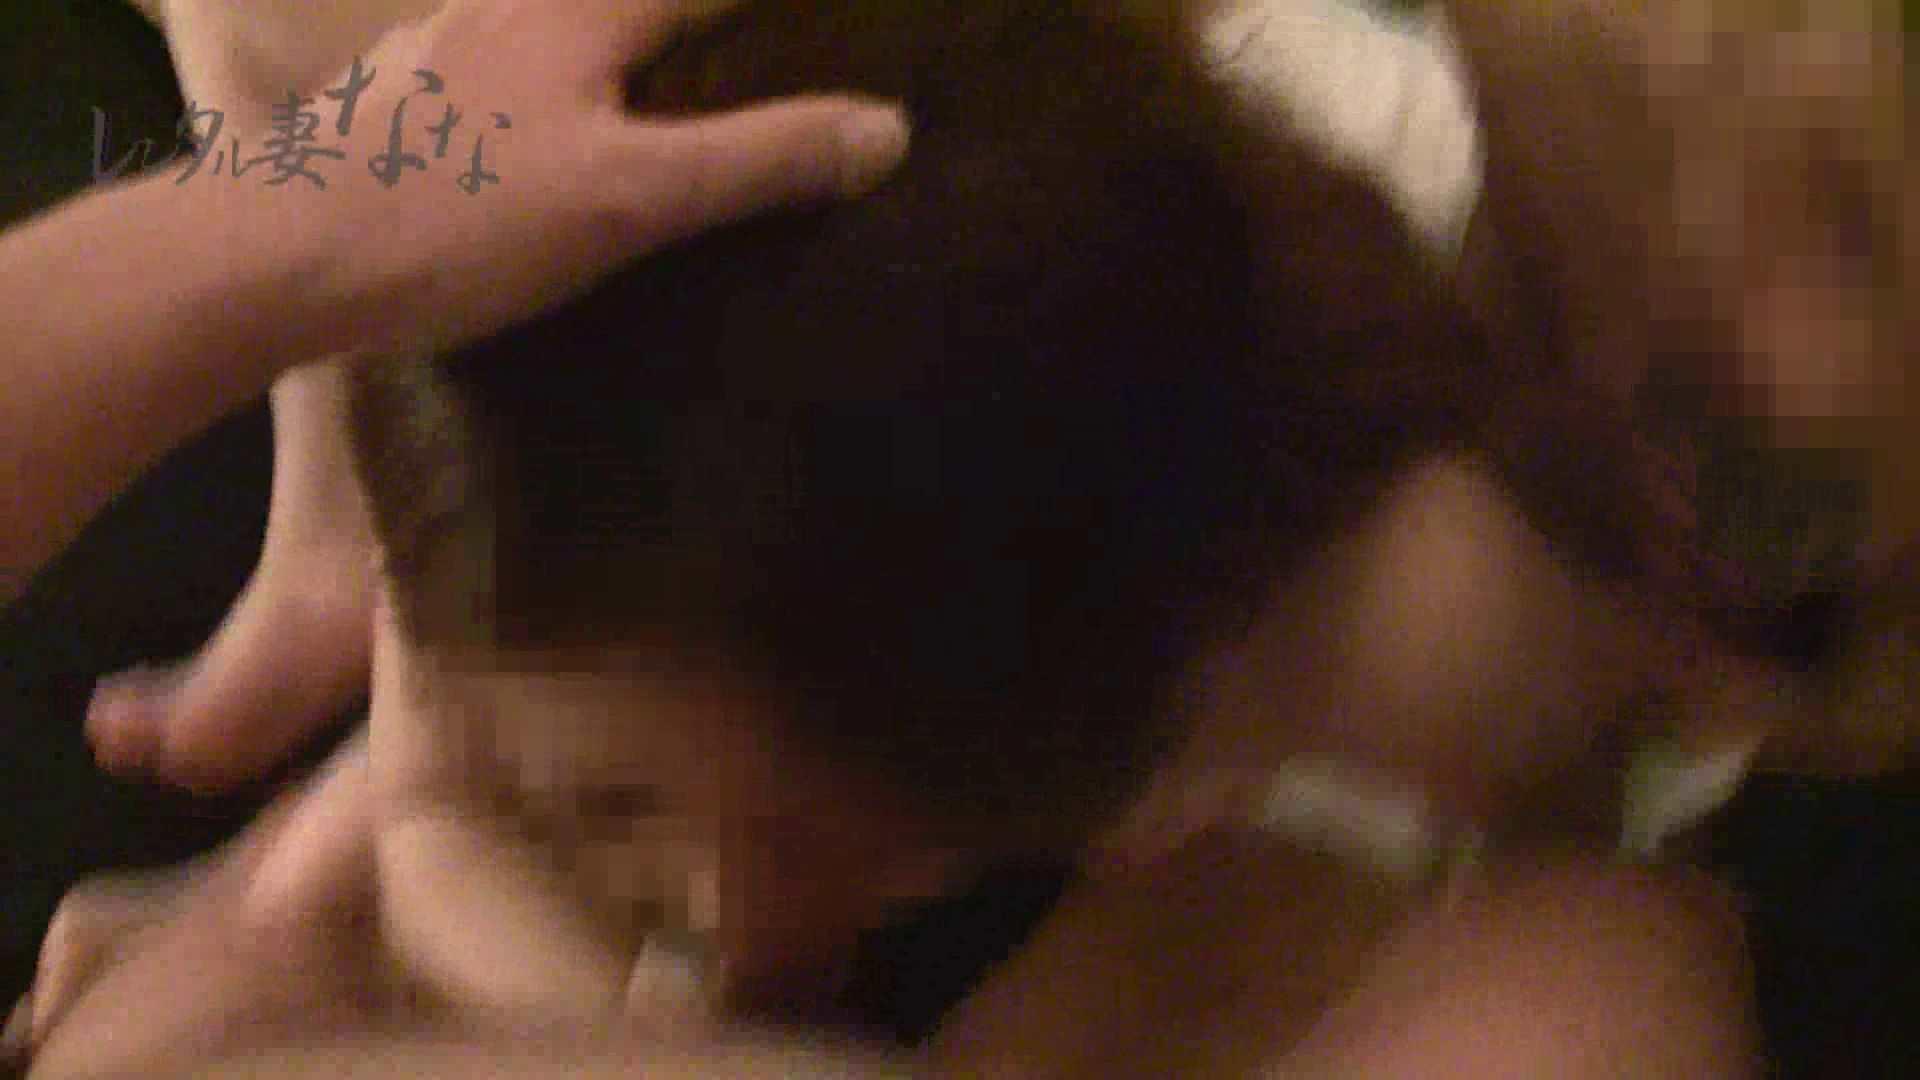 レンタル妻ななのお友達vol.2 セックス  78pic 36